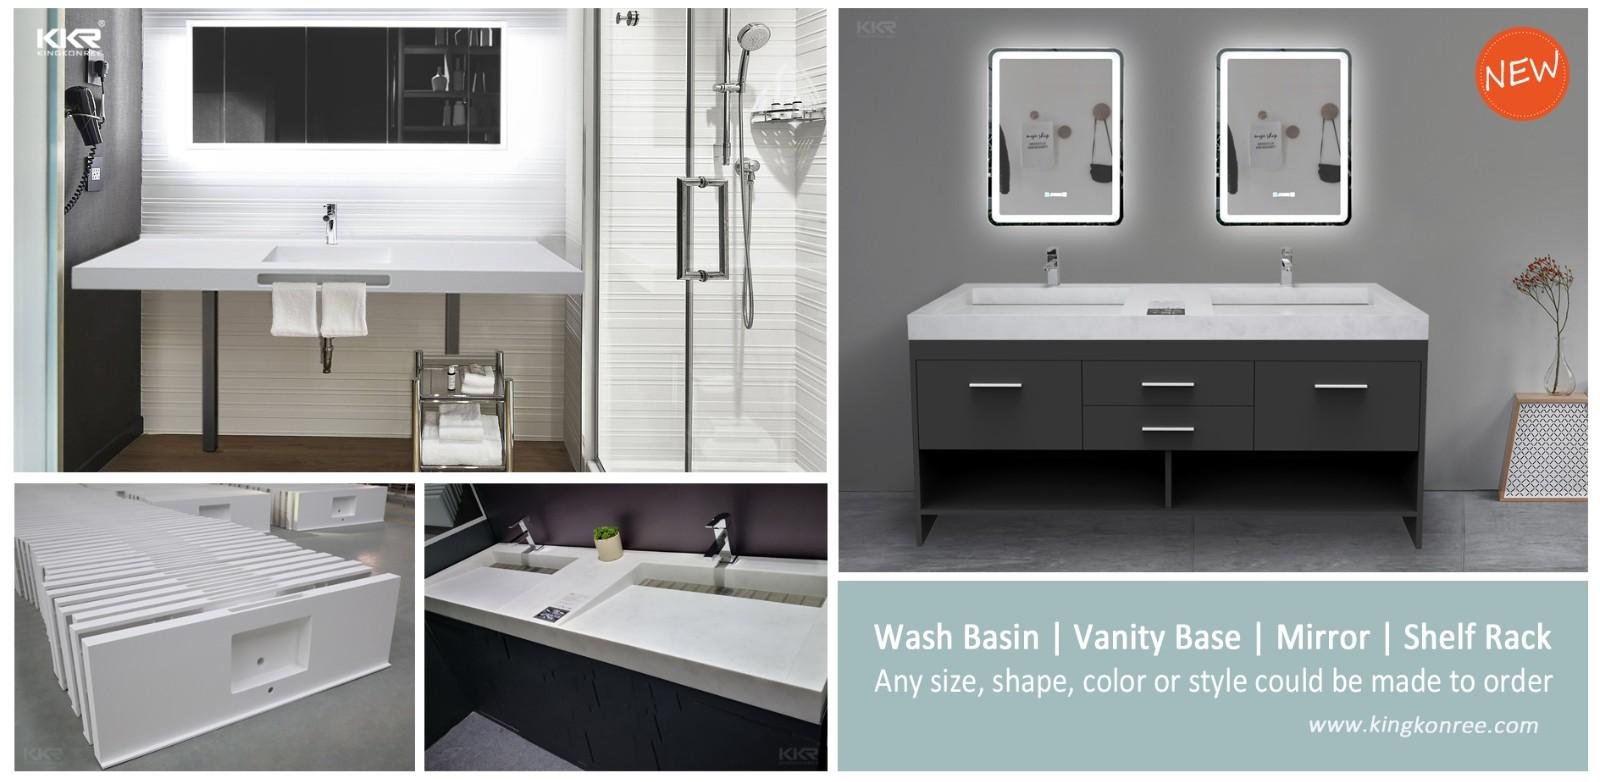 KingKonree artificial solid surface bathroom countertops supplier for bathroom-1